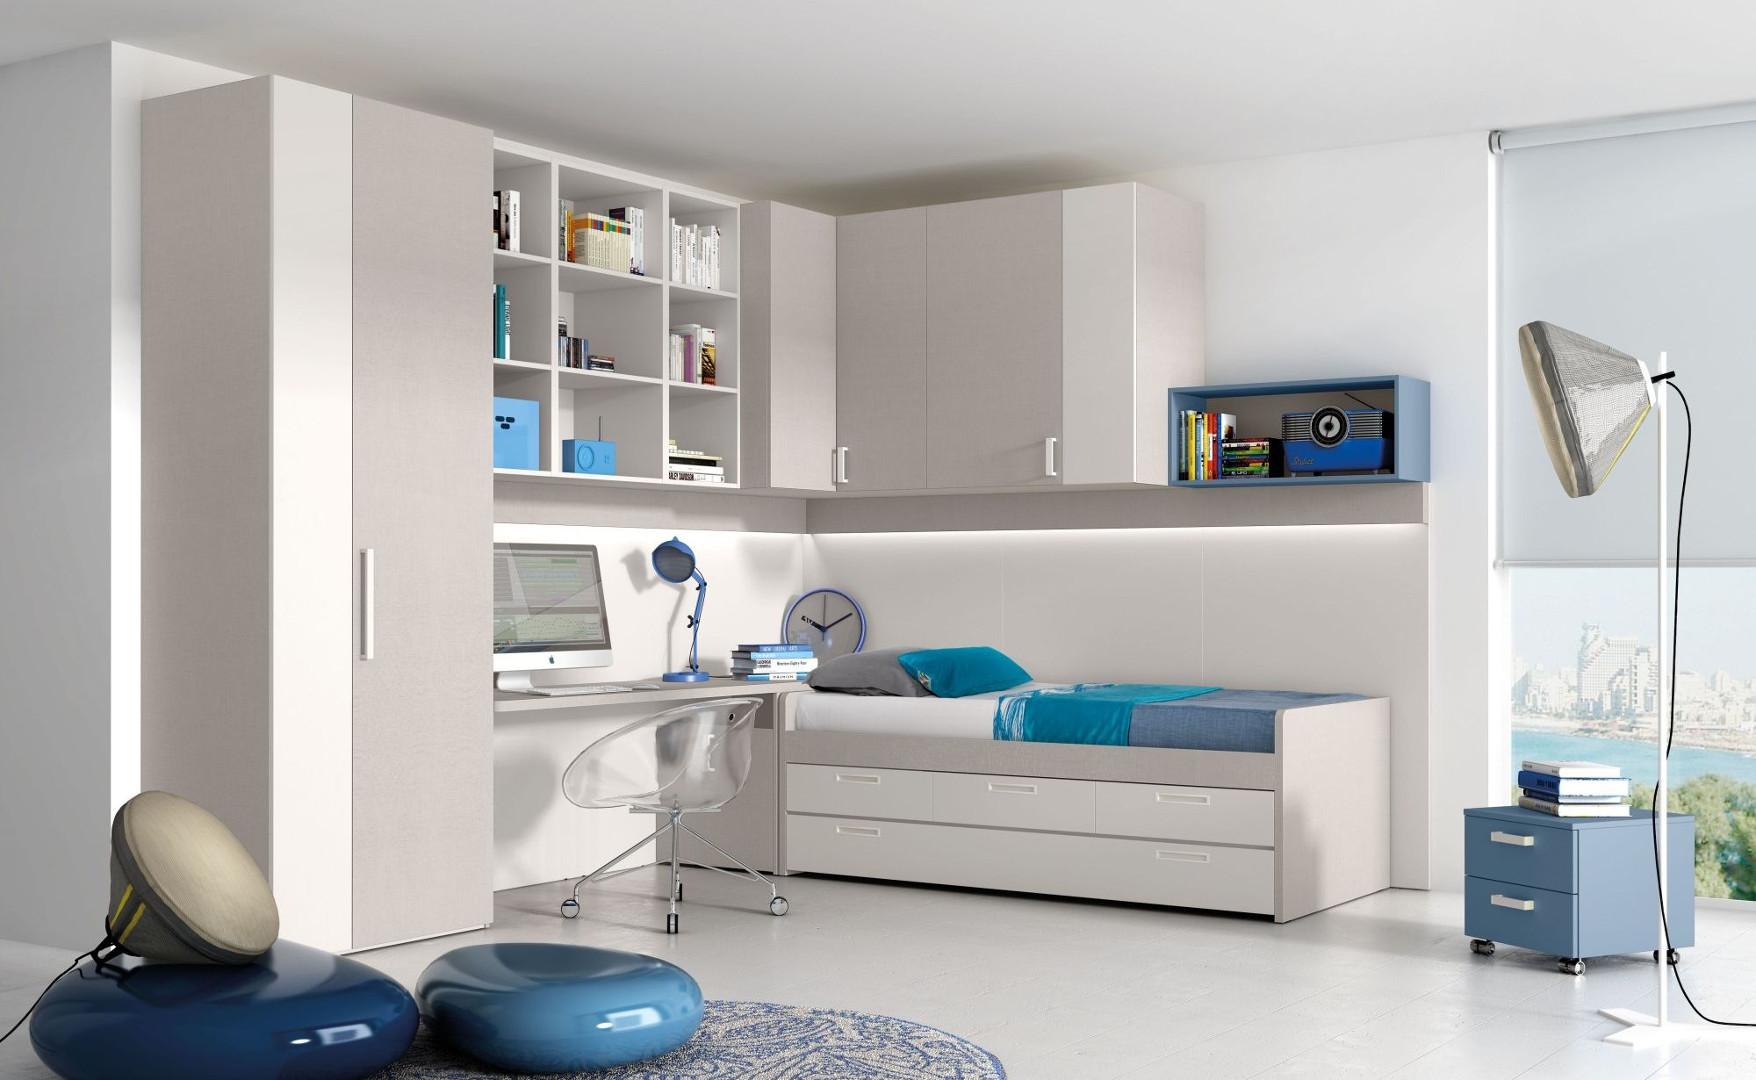 Camere Da Letto Ikea Complete: Offerta camera da letto, letto ...